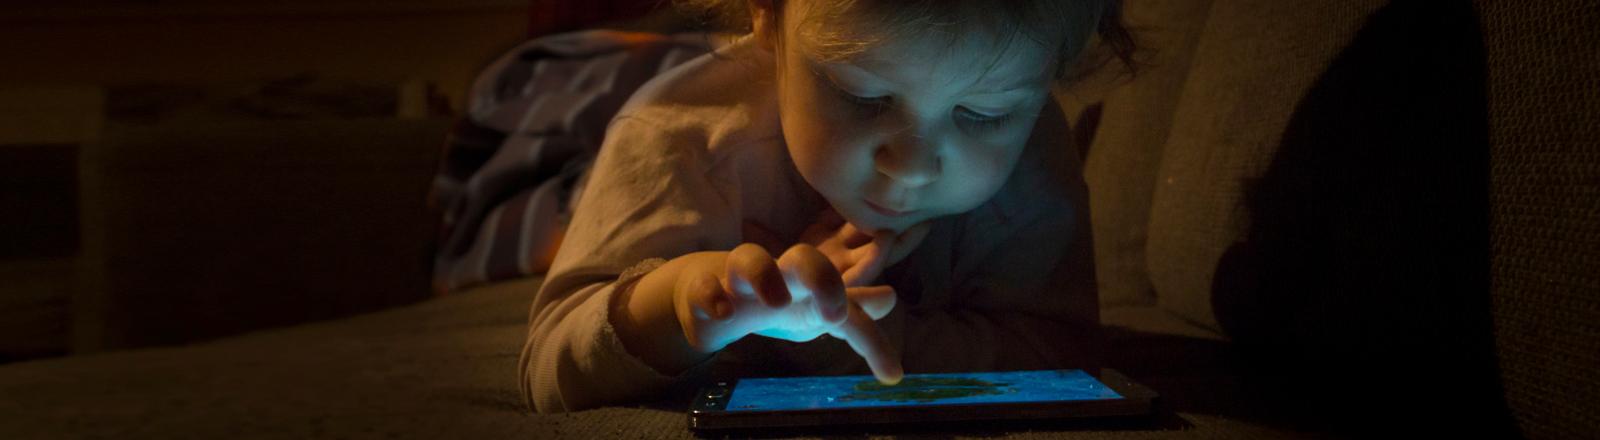 Ein Kind spielt auf dem Tablet herum.